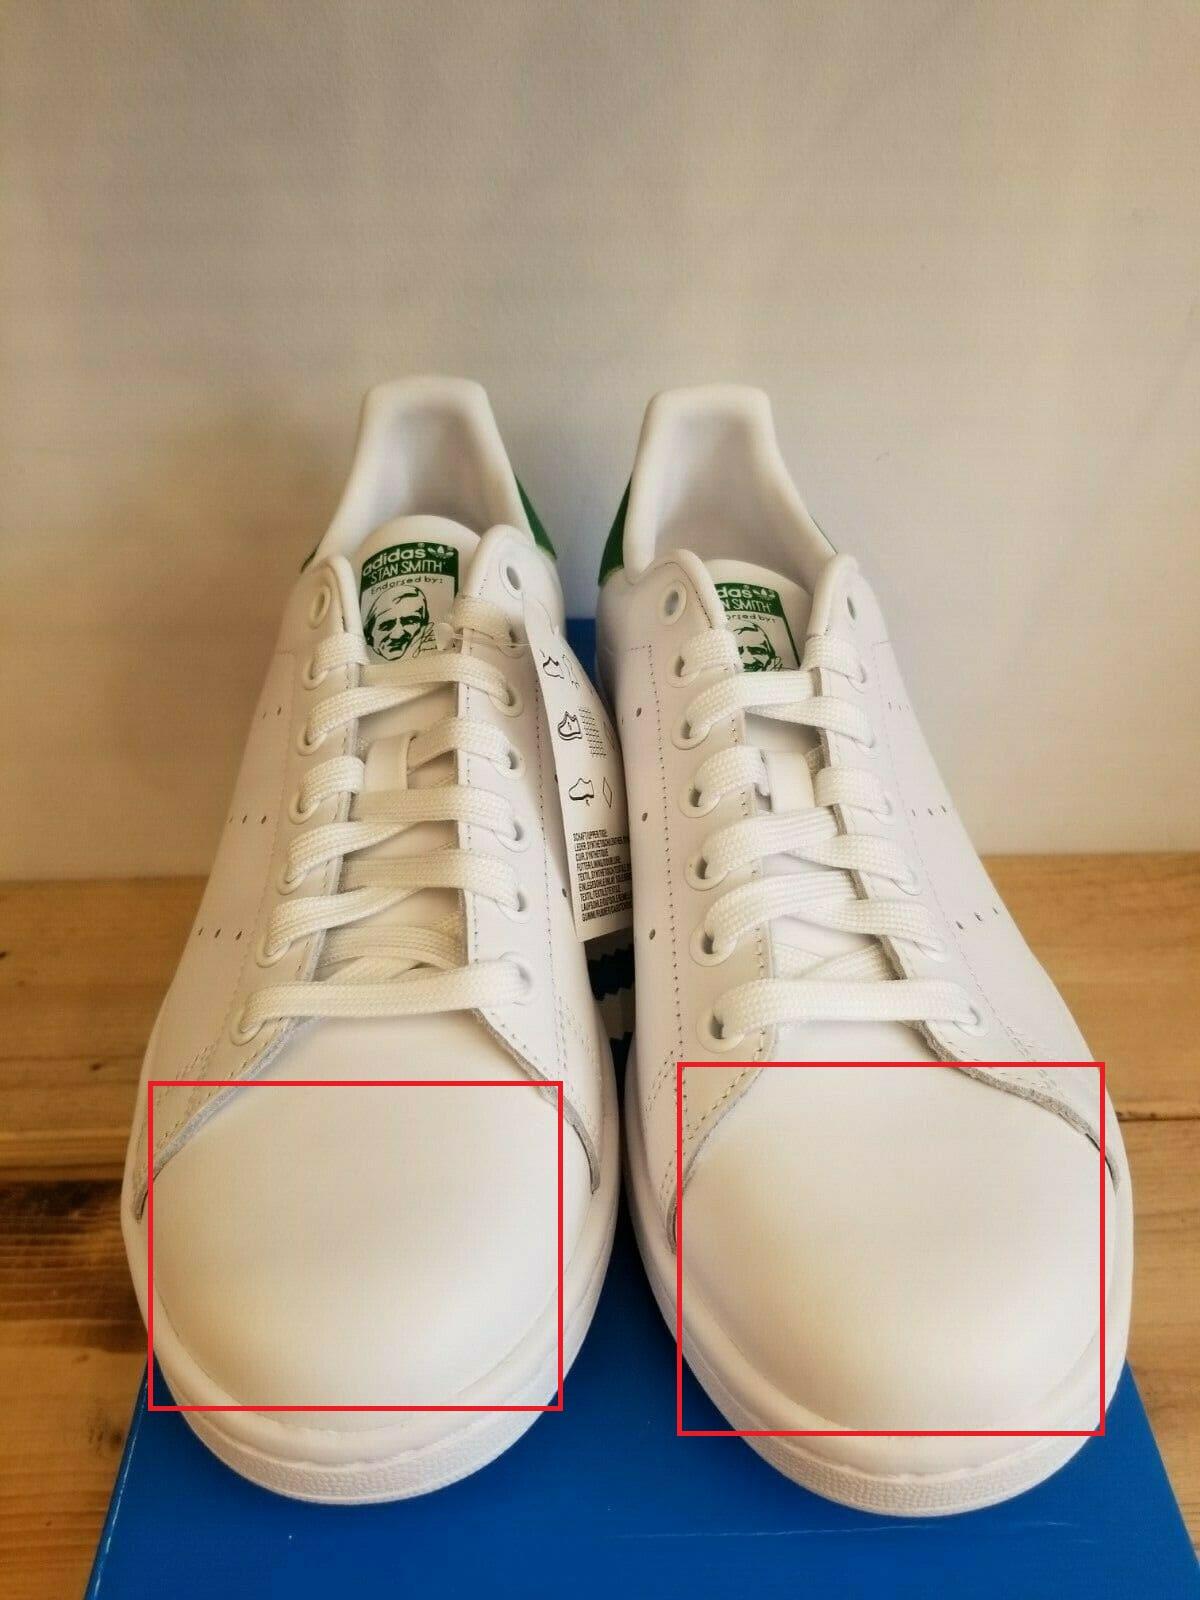 วิธีเช็ค ของแท้ ของปลอม ตามแบบฉบับของ sport shoes by ky มีวิธีดู ยังไงนะ